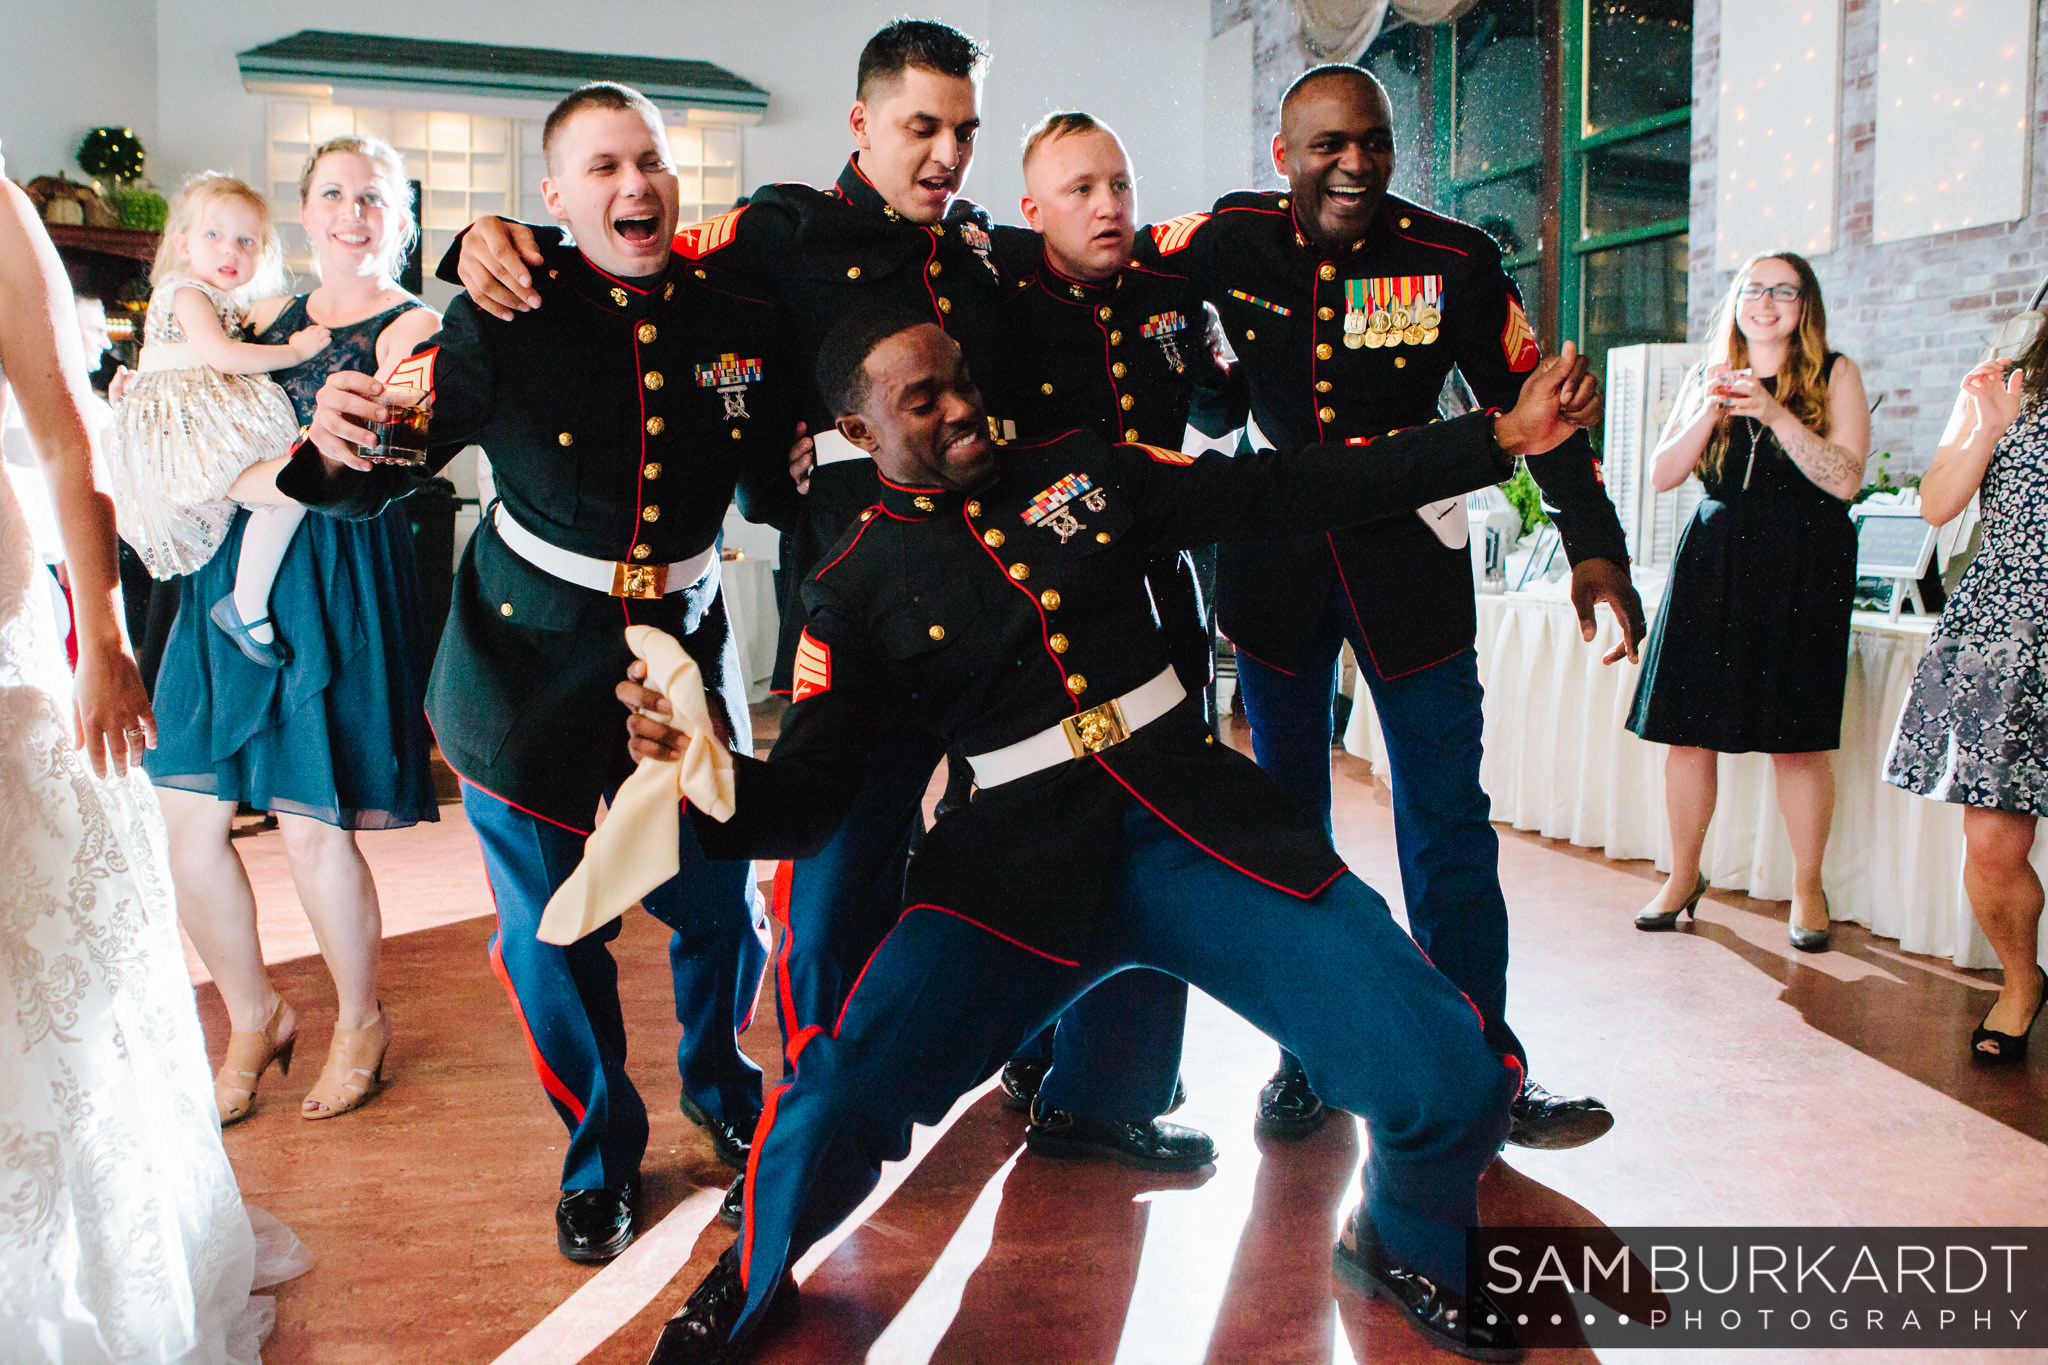 samburkardt_pond_house_hartford_wedding_fall_0066.jpg